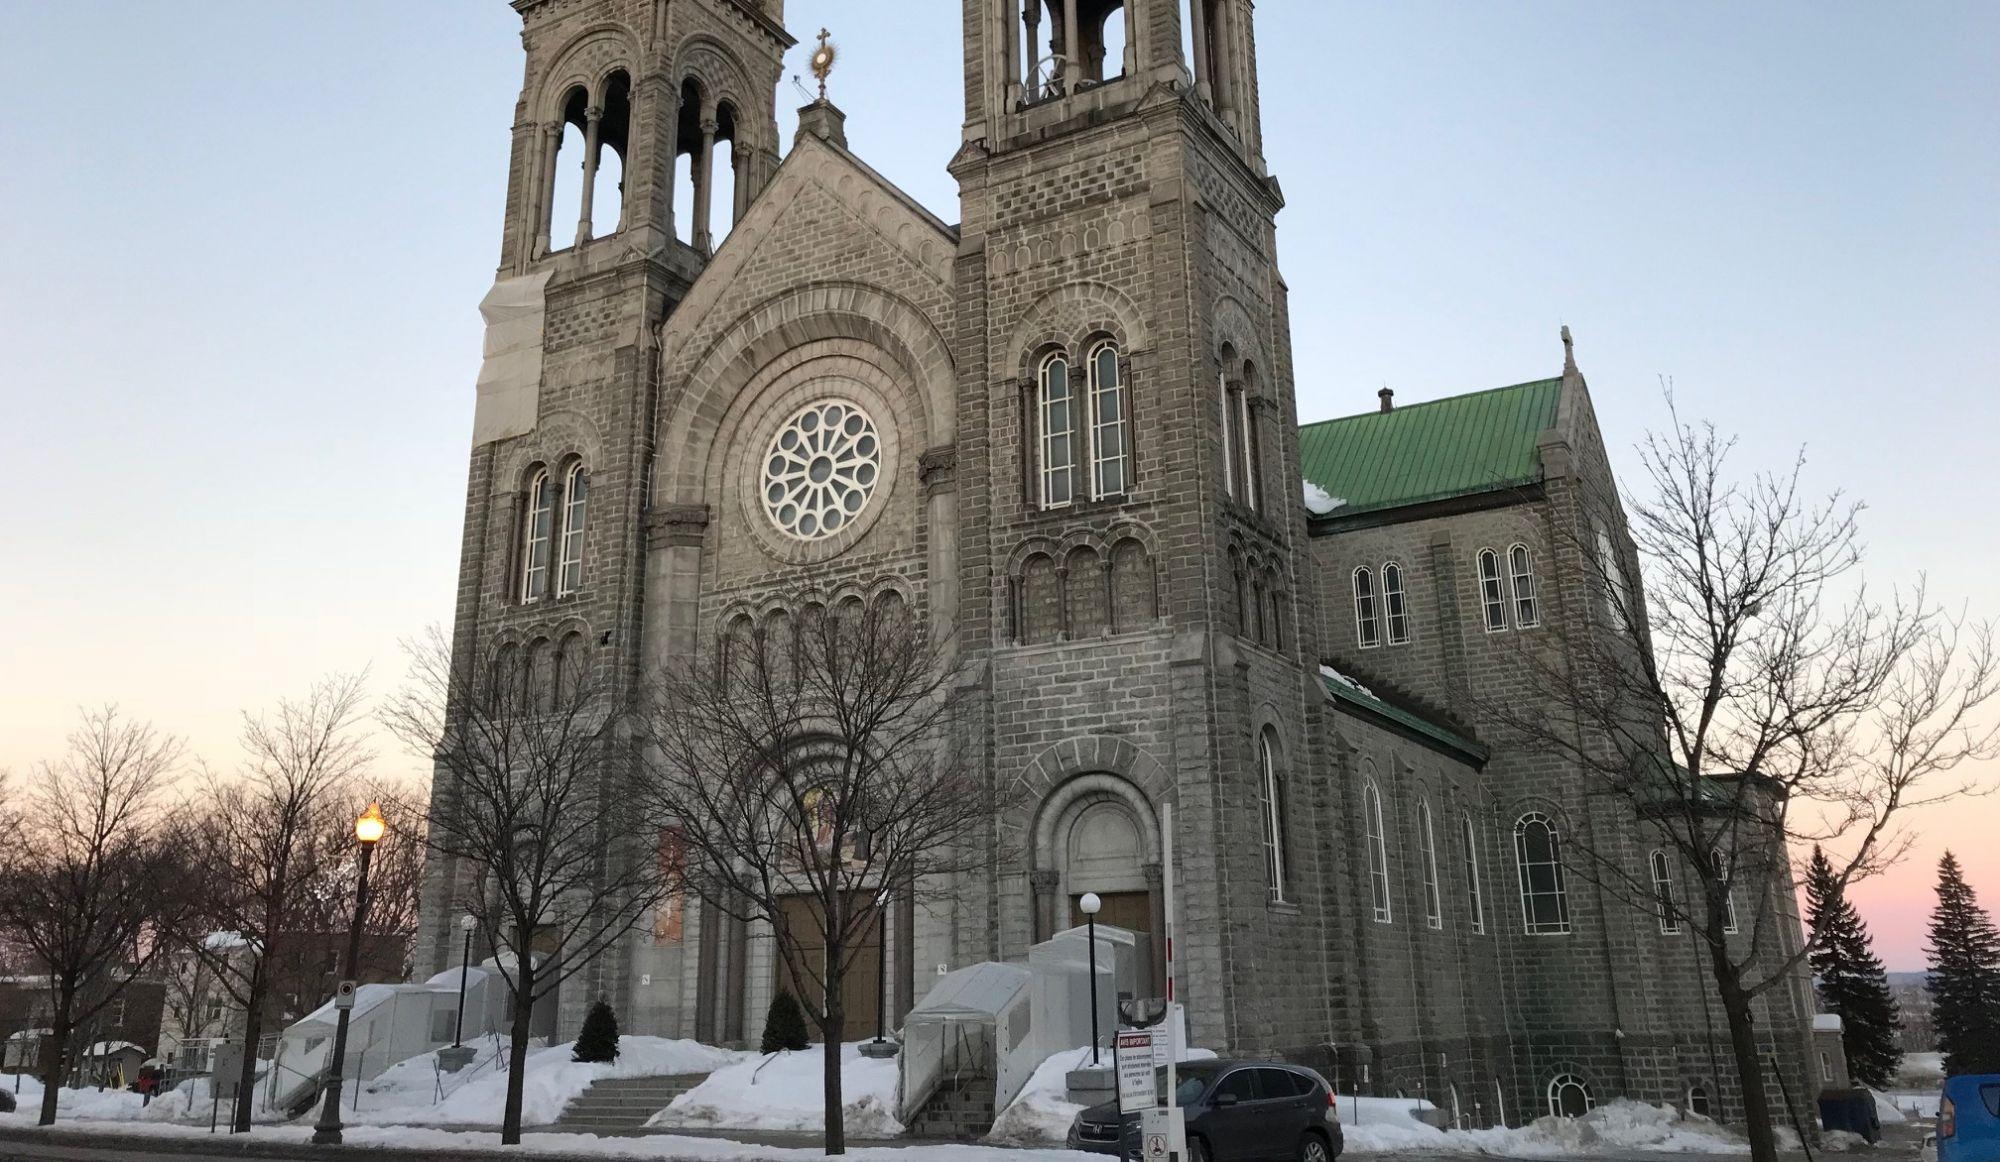 EXCLUSIF La démolition de l'église du Très-Saint-Sacrement envisagée